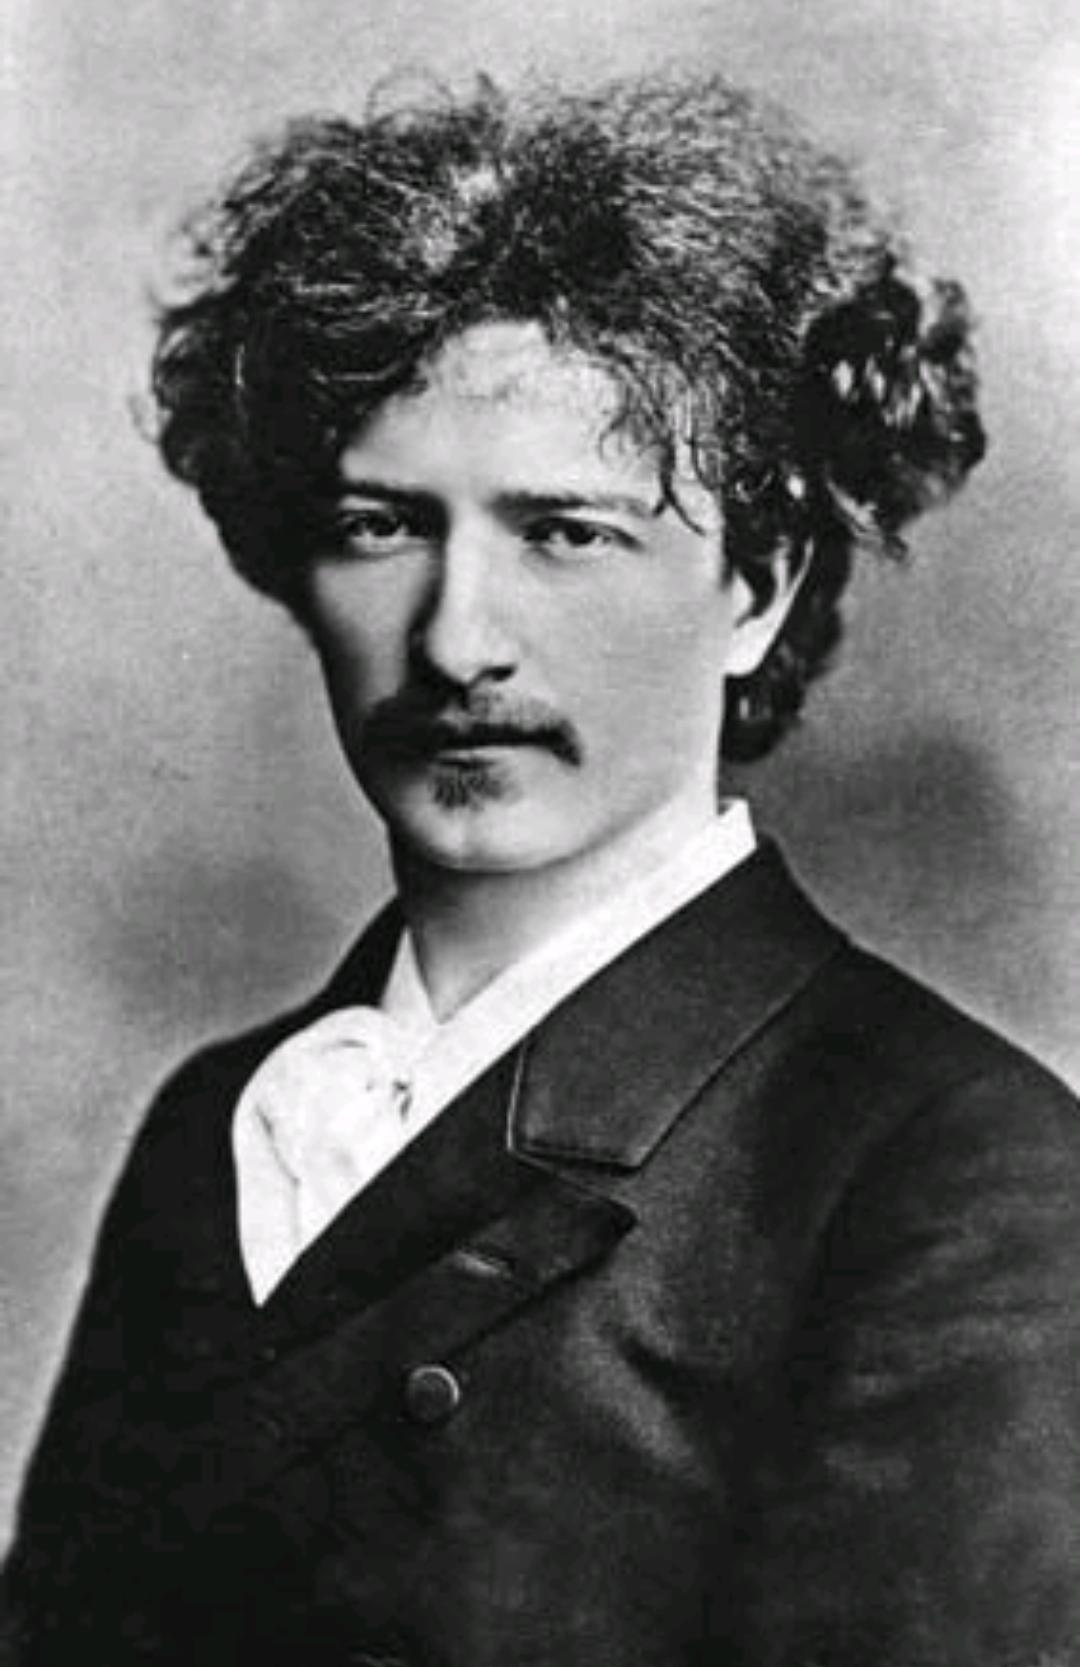 Young Paderewski